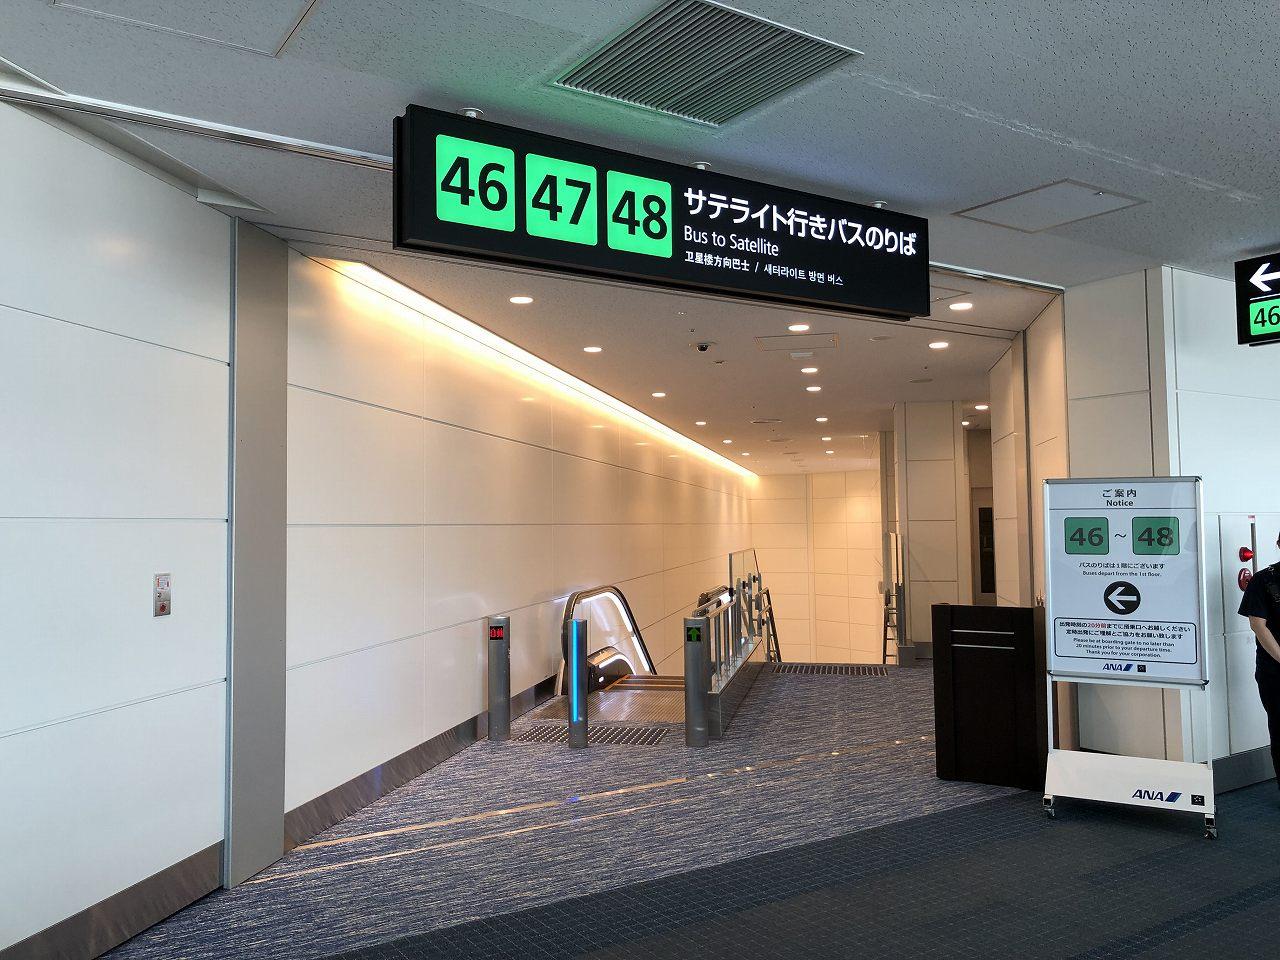 羽田空港のサテライト行きバス乗り場